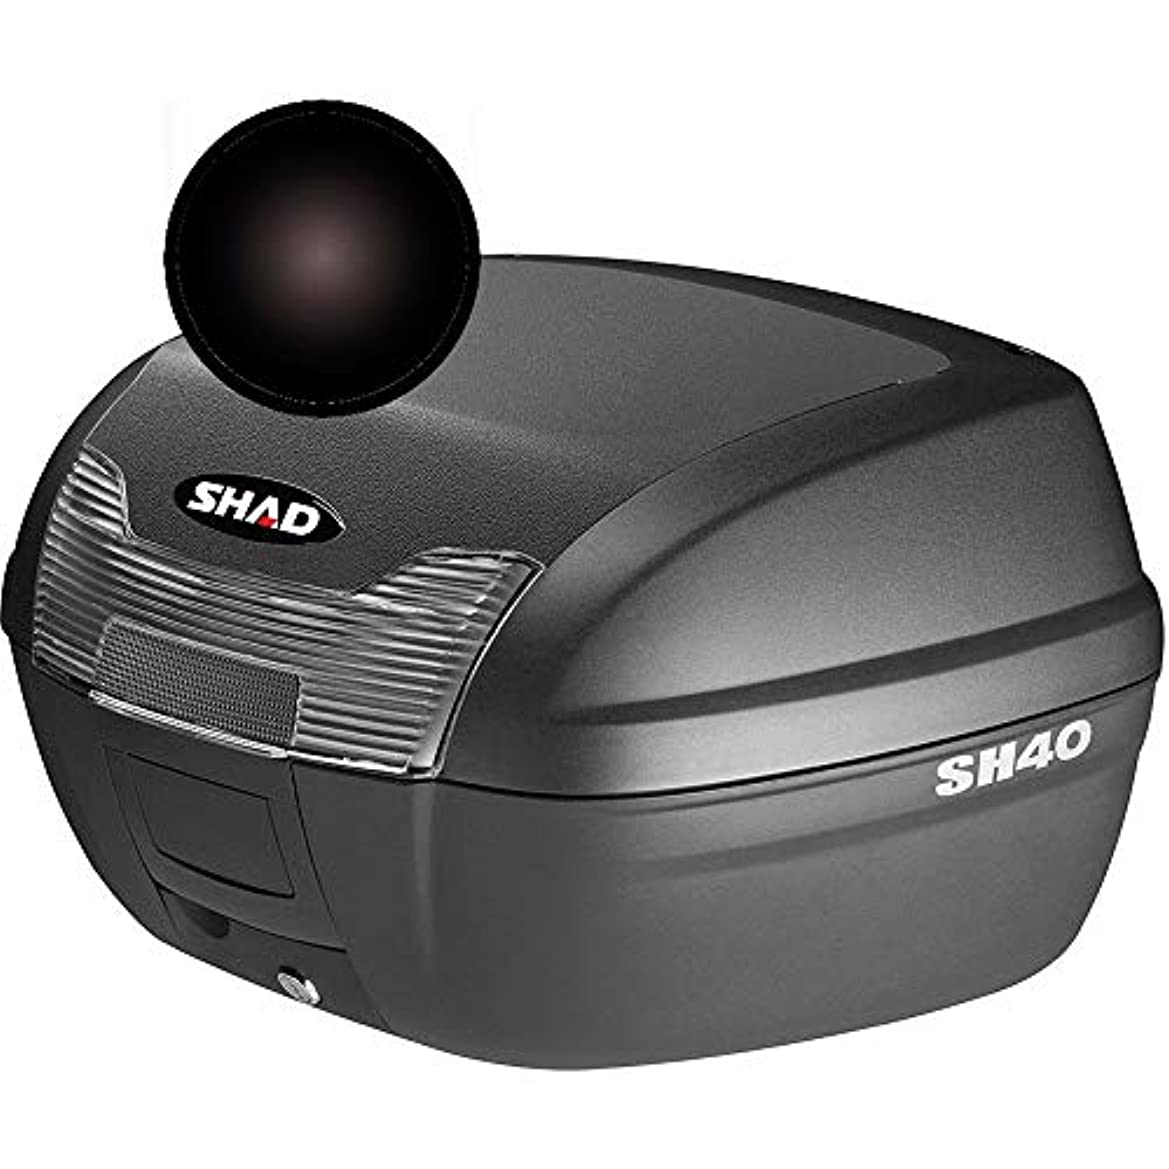 ジャーナリストそのようなバランスのとれたSHAD(シャッド) D1B40E21 SH40専用カラーパネル ブラックメタル 1枚